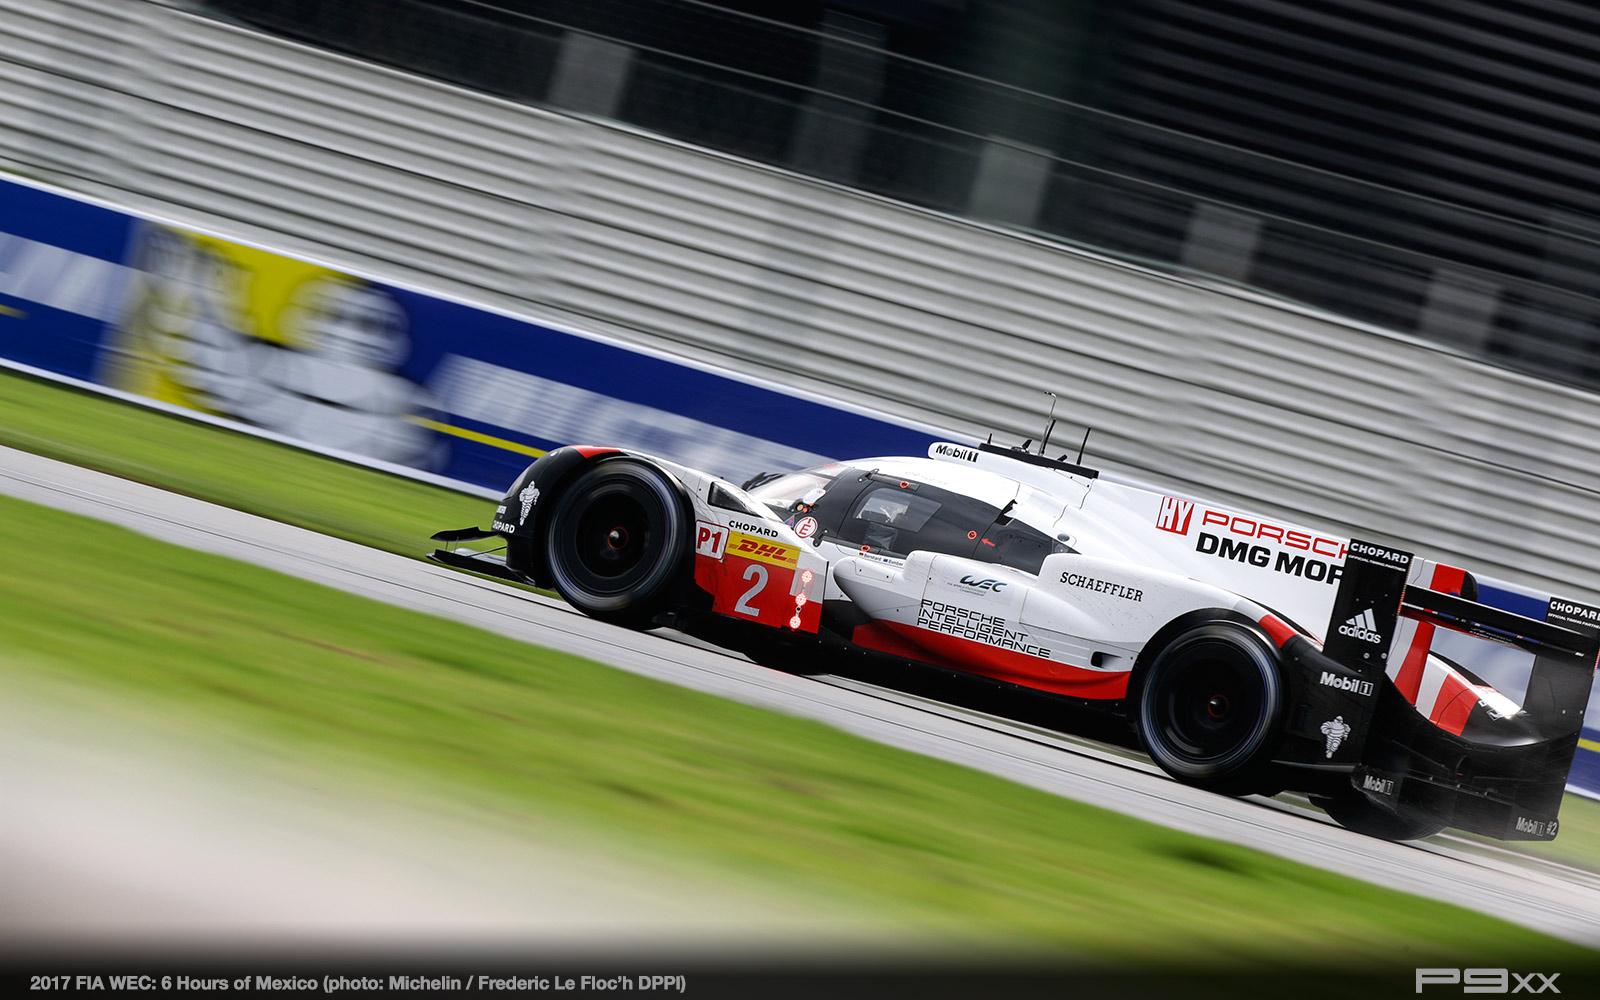 2017-FIA-WEC-6-HOURS-MEXICO-PORSCHE-exico_FLF_02117008_502311240